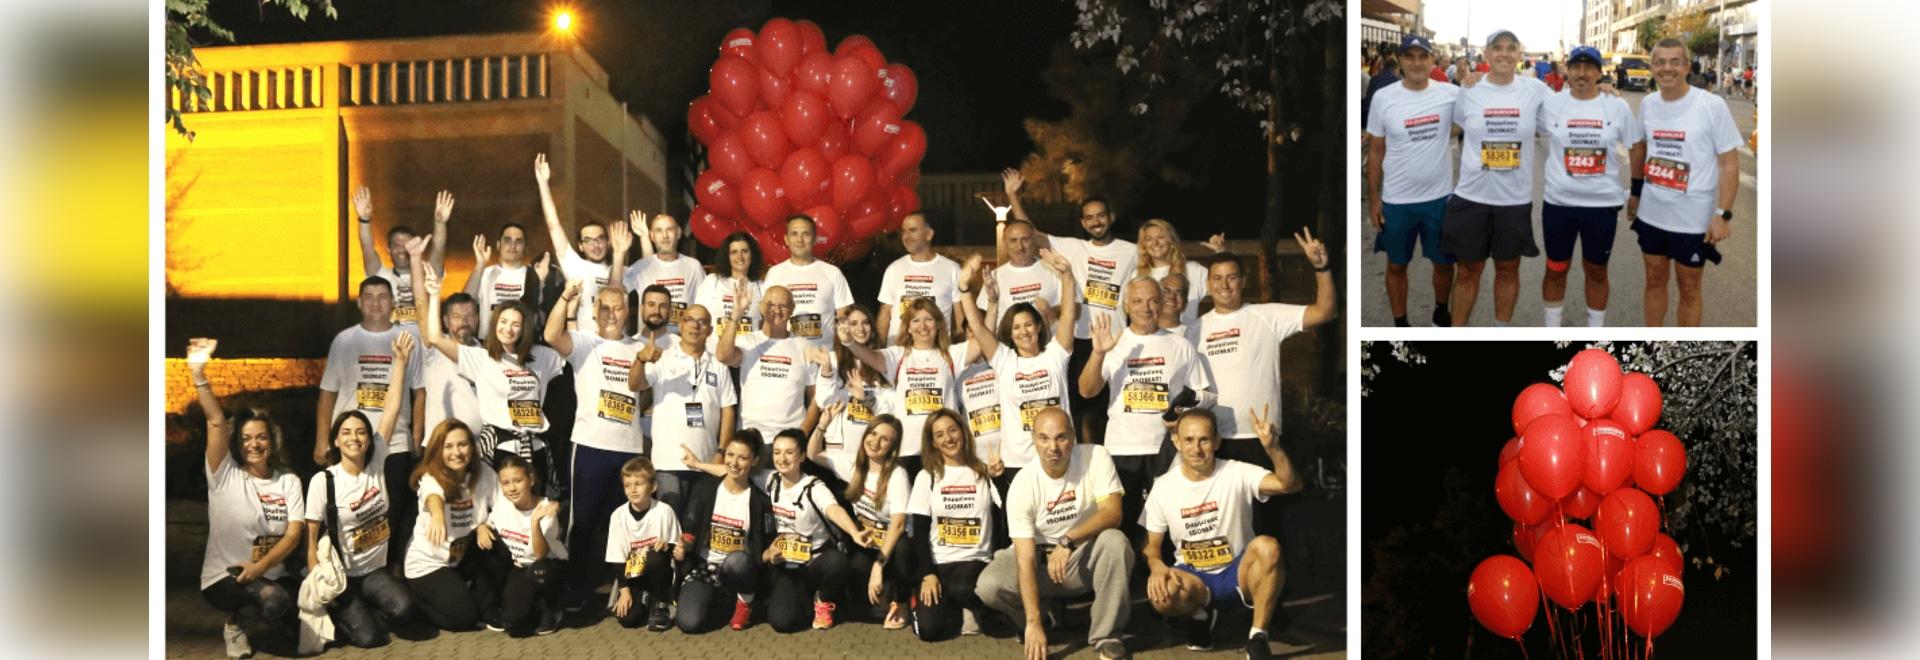 ISOMAT's employees took part in the 8th International Thessaloniki Night Half Marathon!